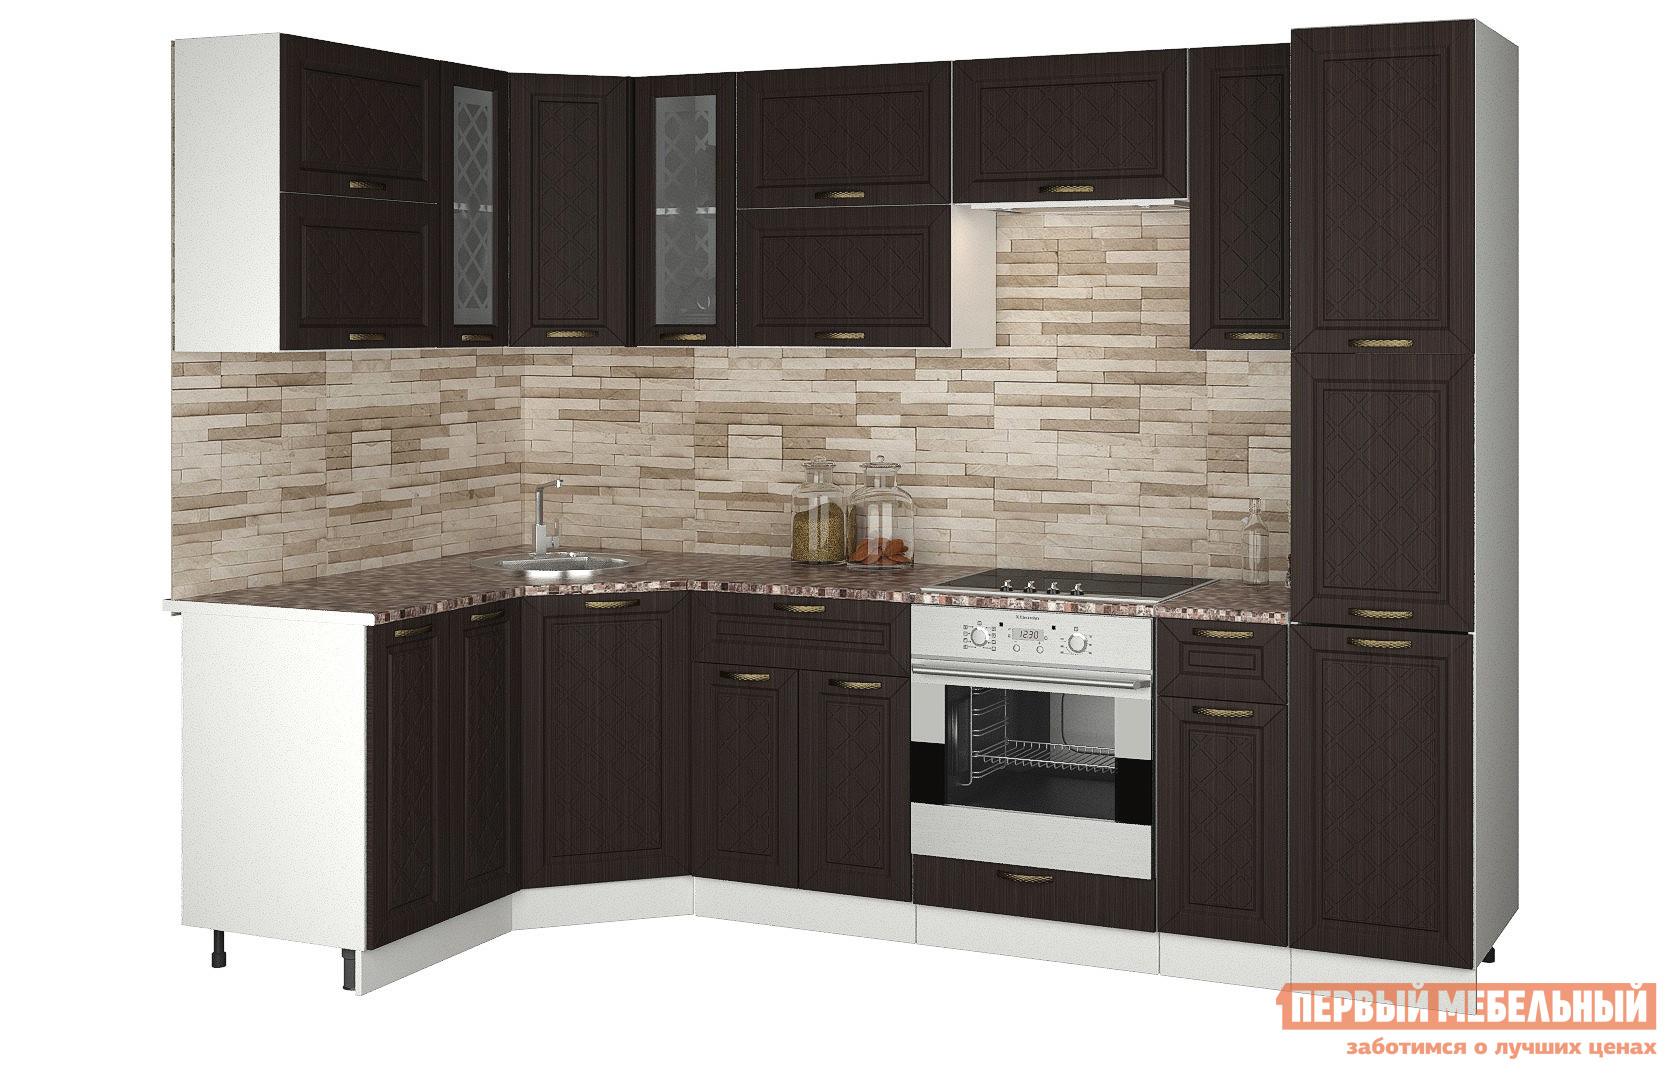 Угловой кухонный гарнитур Первый Мебельный Агава угловая 2.75 х 1.45 м